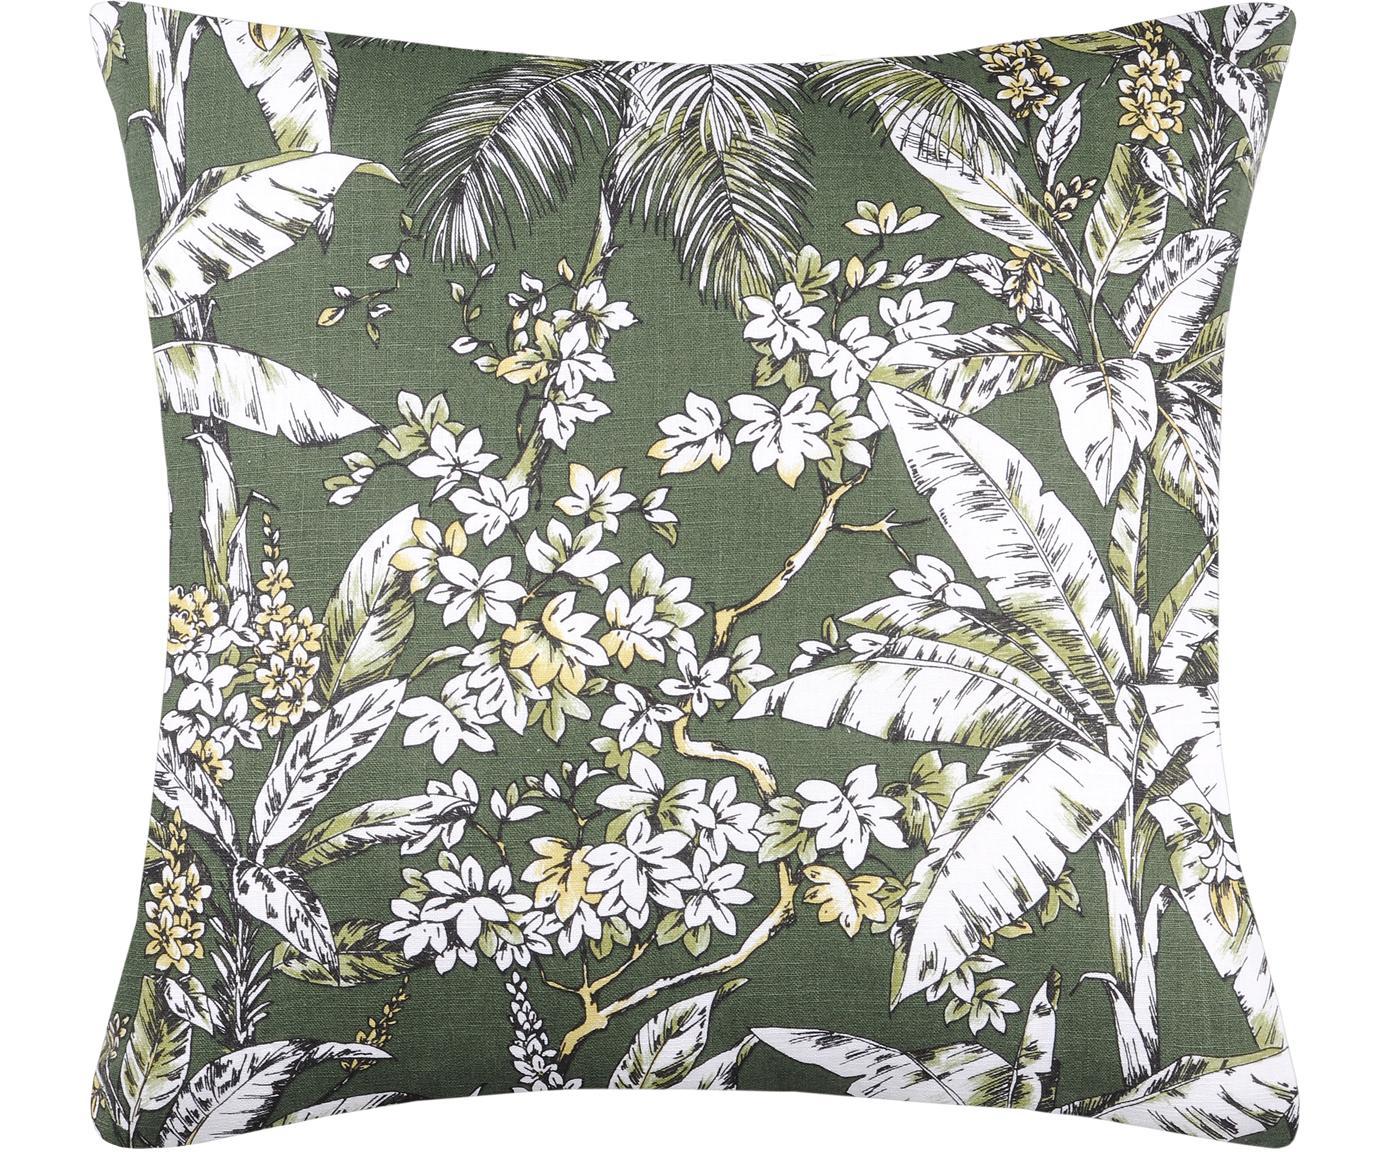 Kussen Barbade met bloemenpatroon, met vulling, 50% polyester, 46% ramie vezels, 4% katoen, Kakigroen, 50 x 50 cm